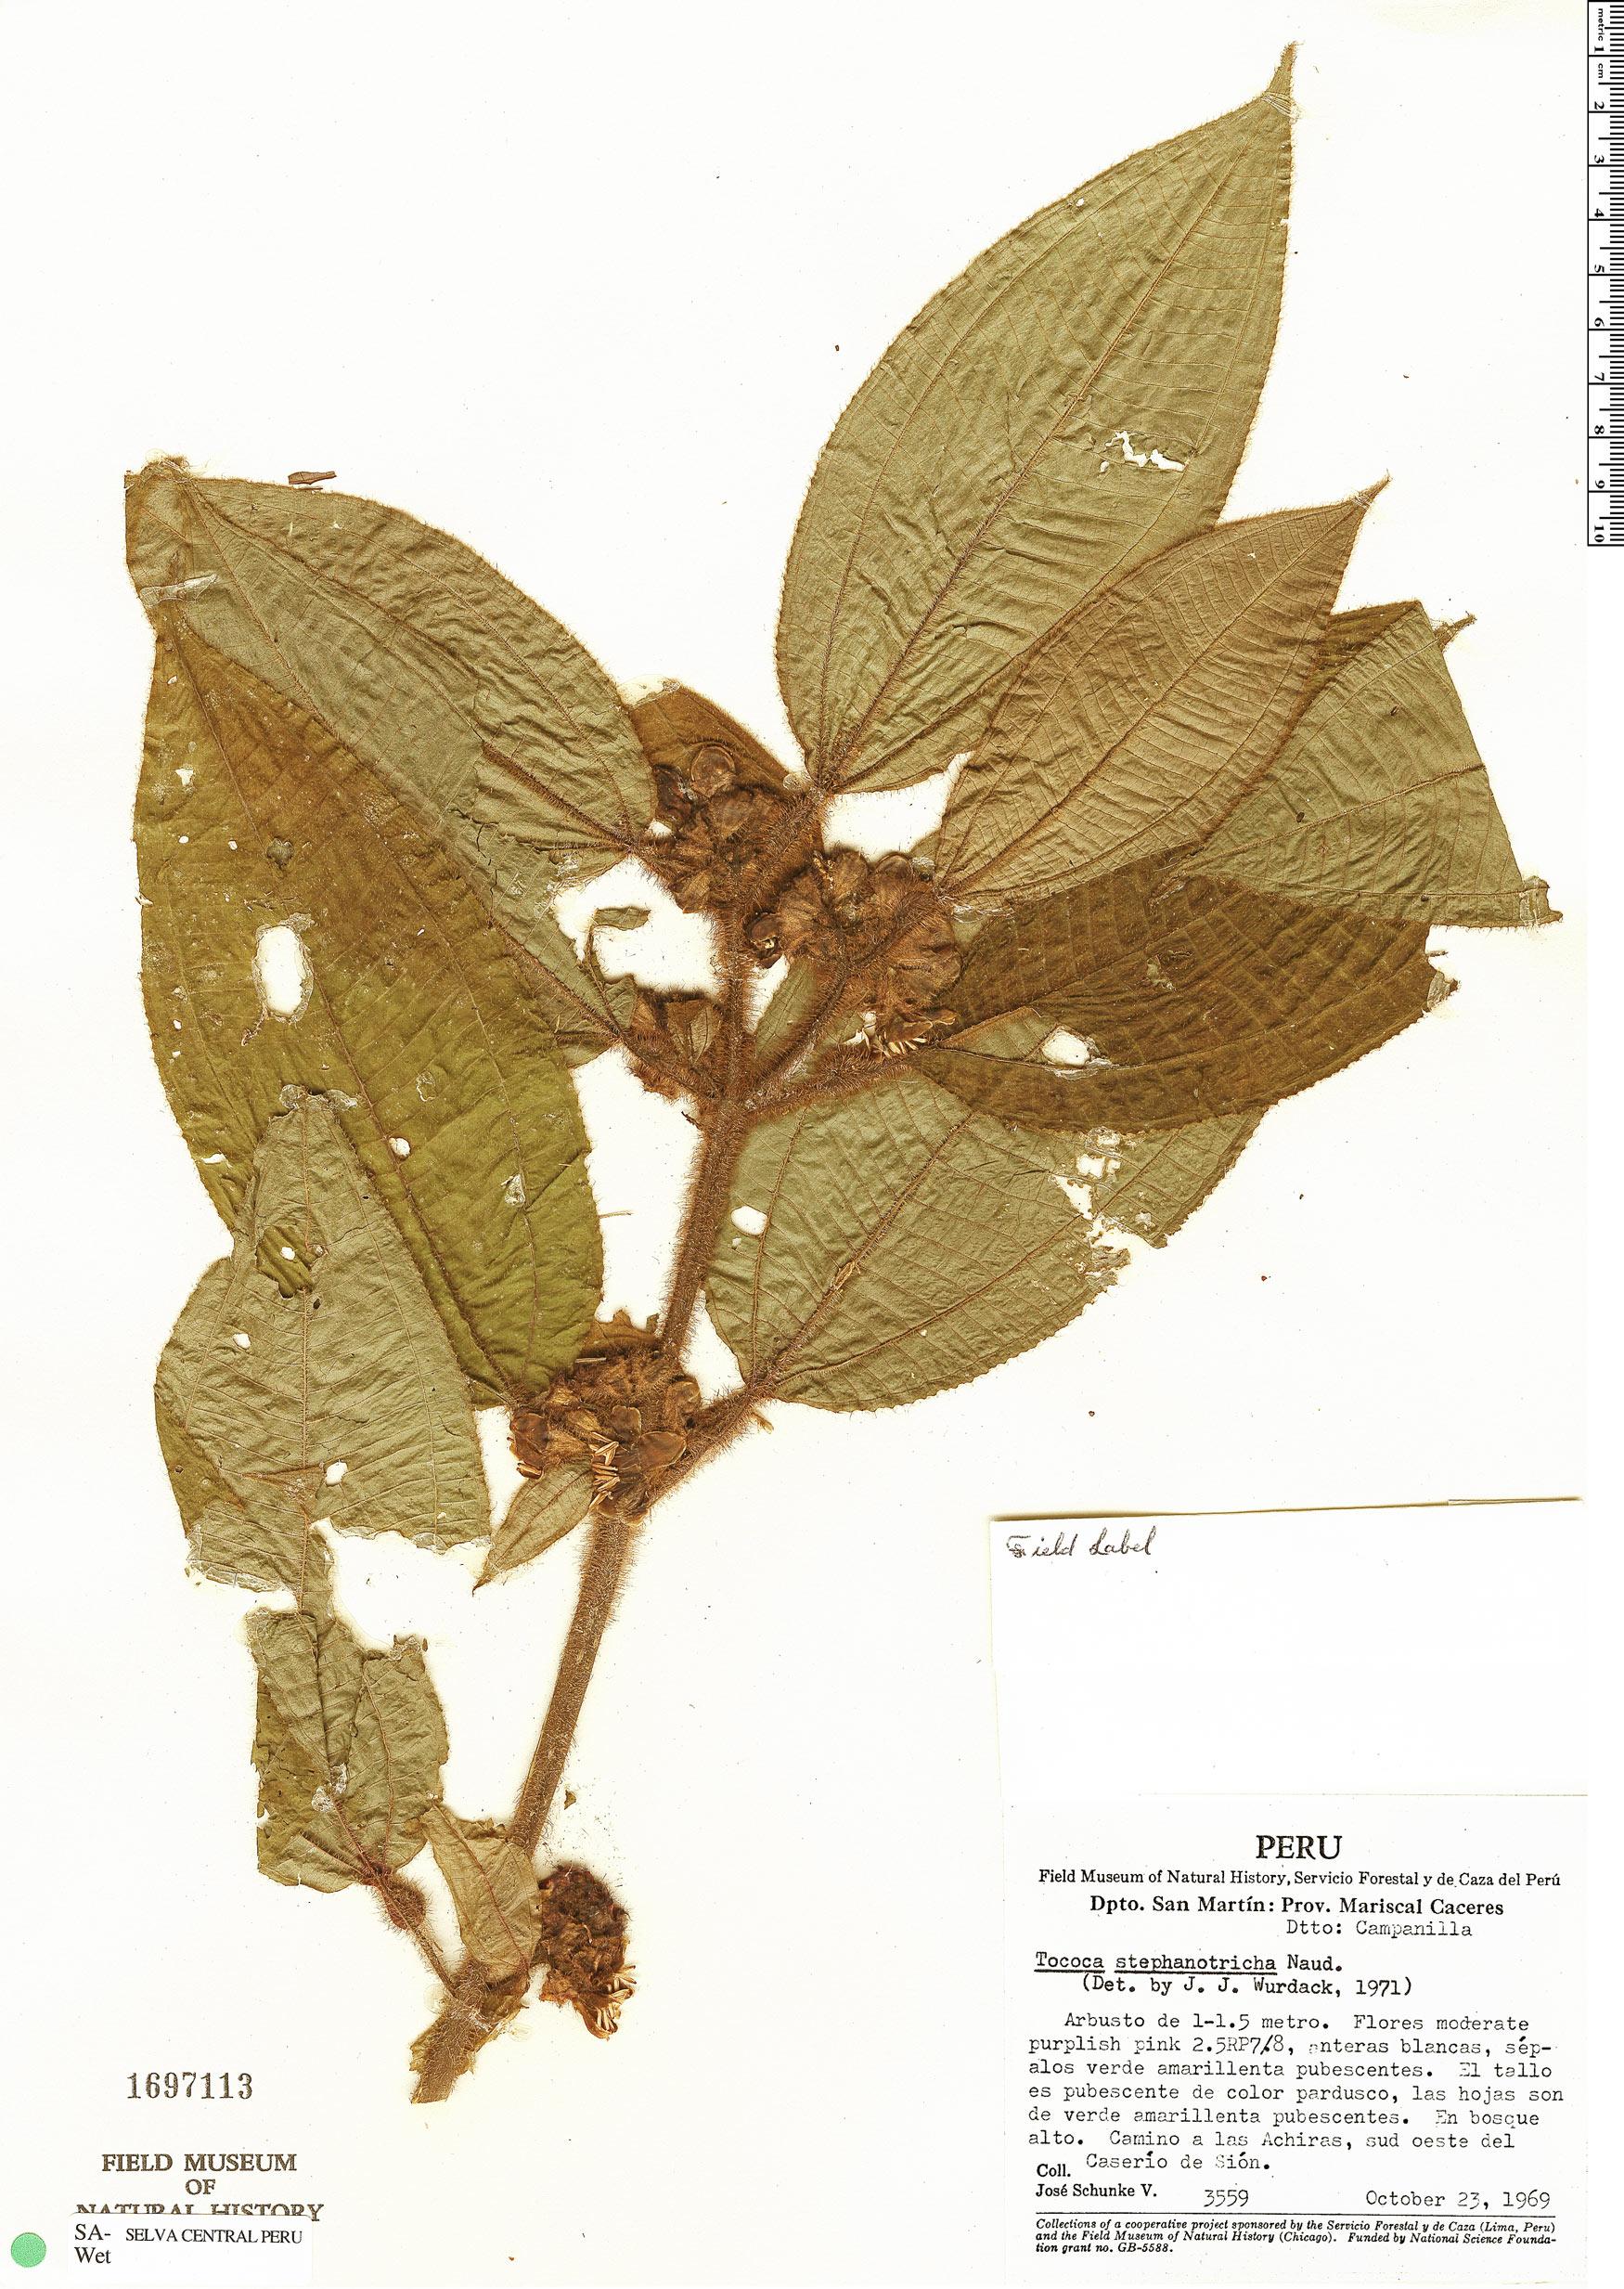 Specimen: Tococa stephanotricha